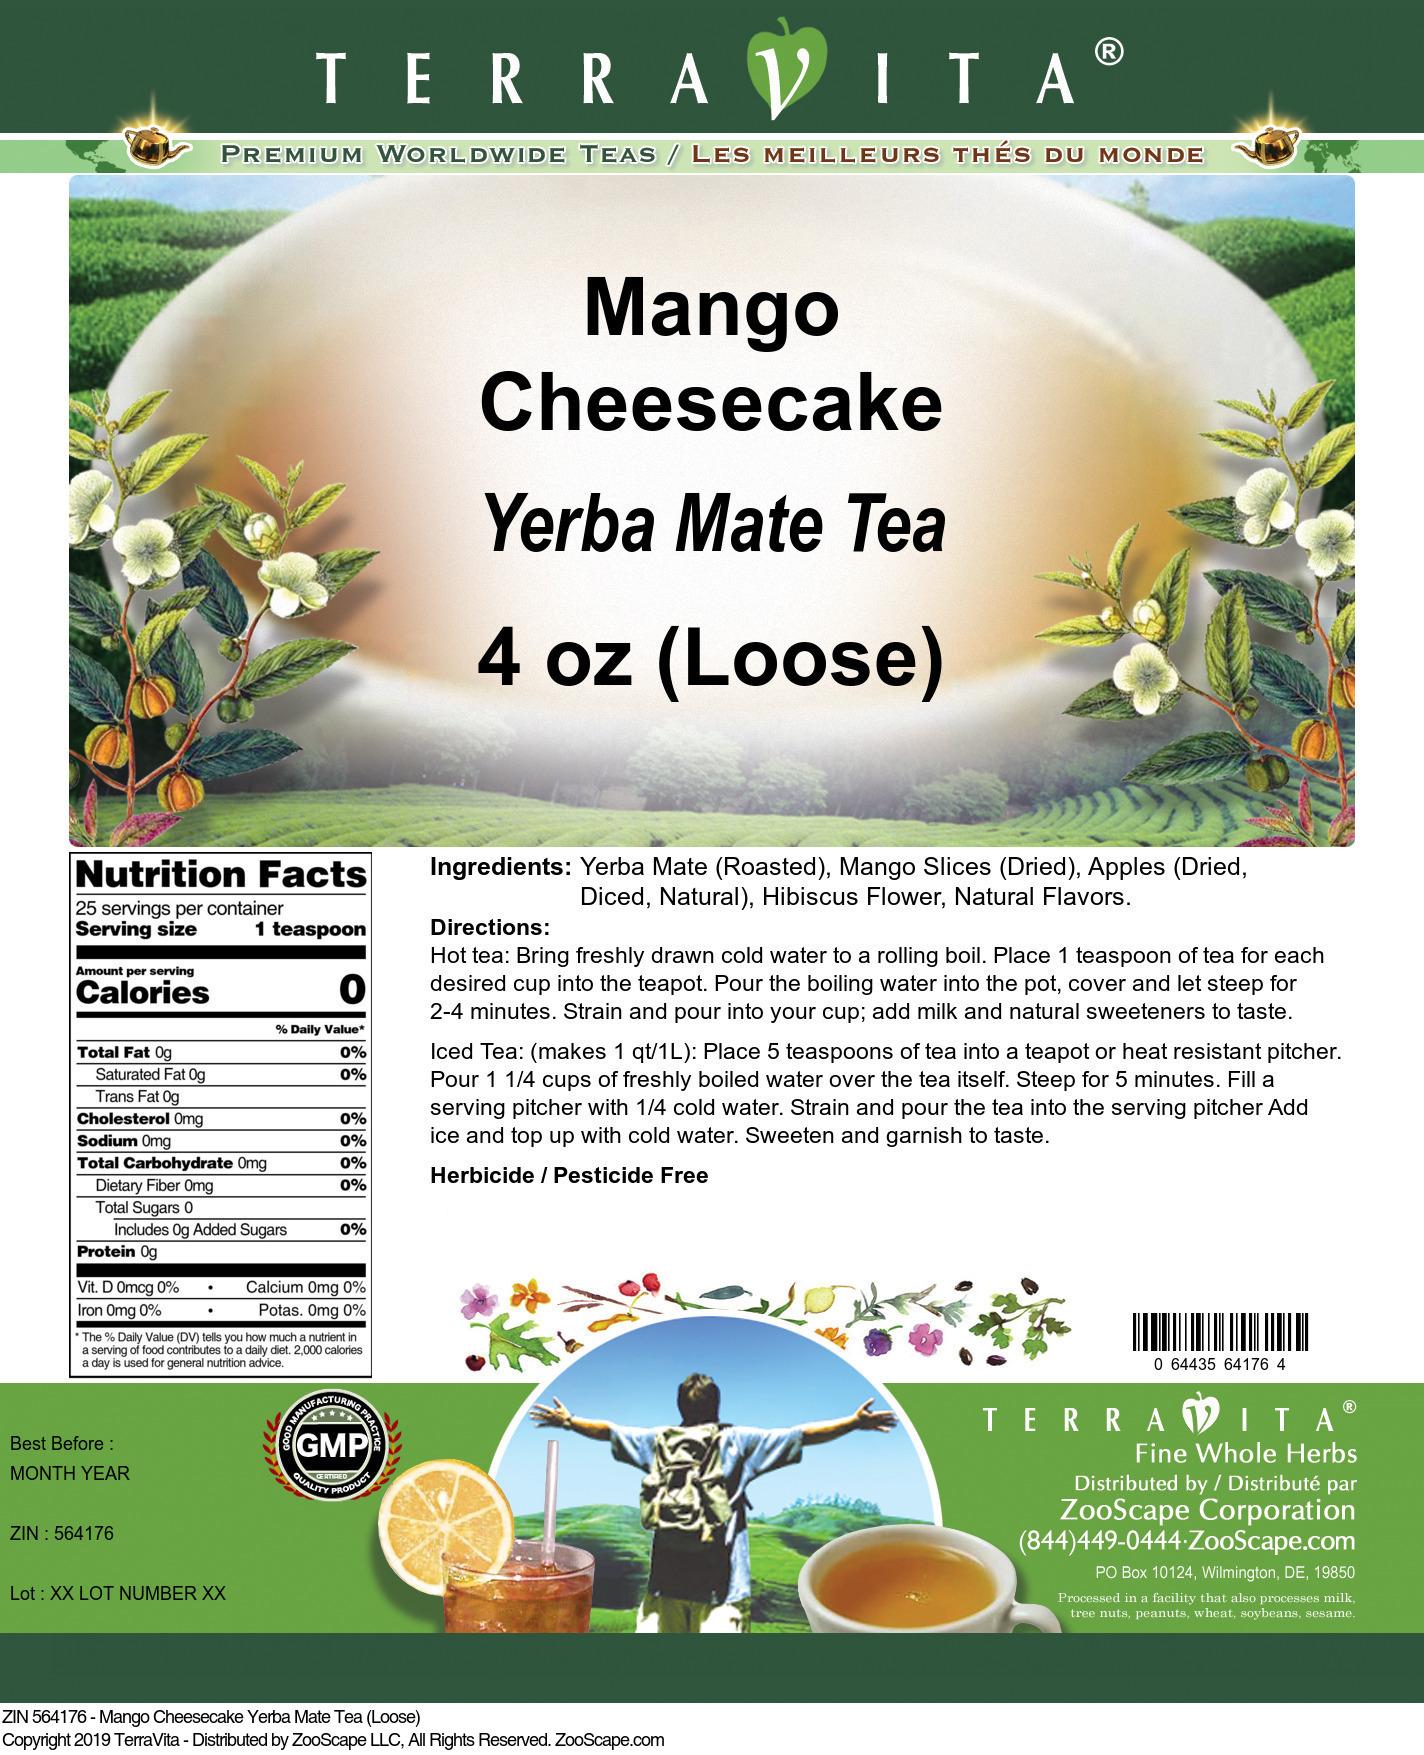 Mango Cheesecake Yerba Mate